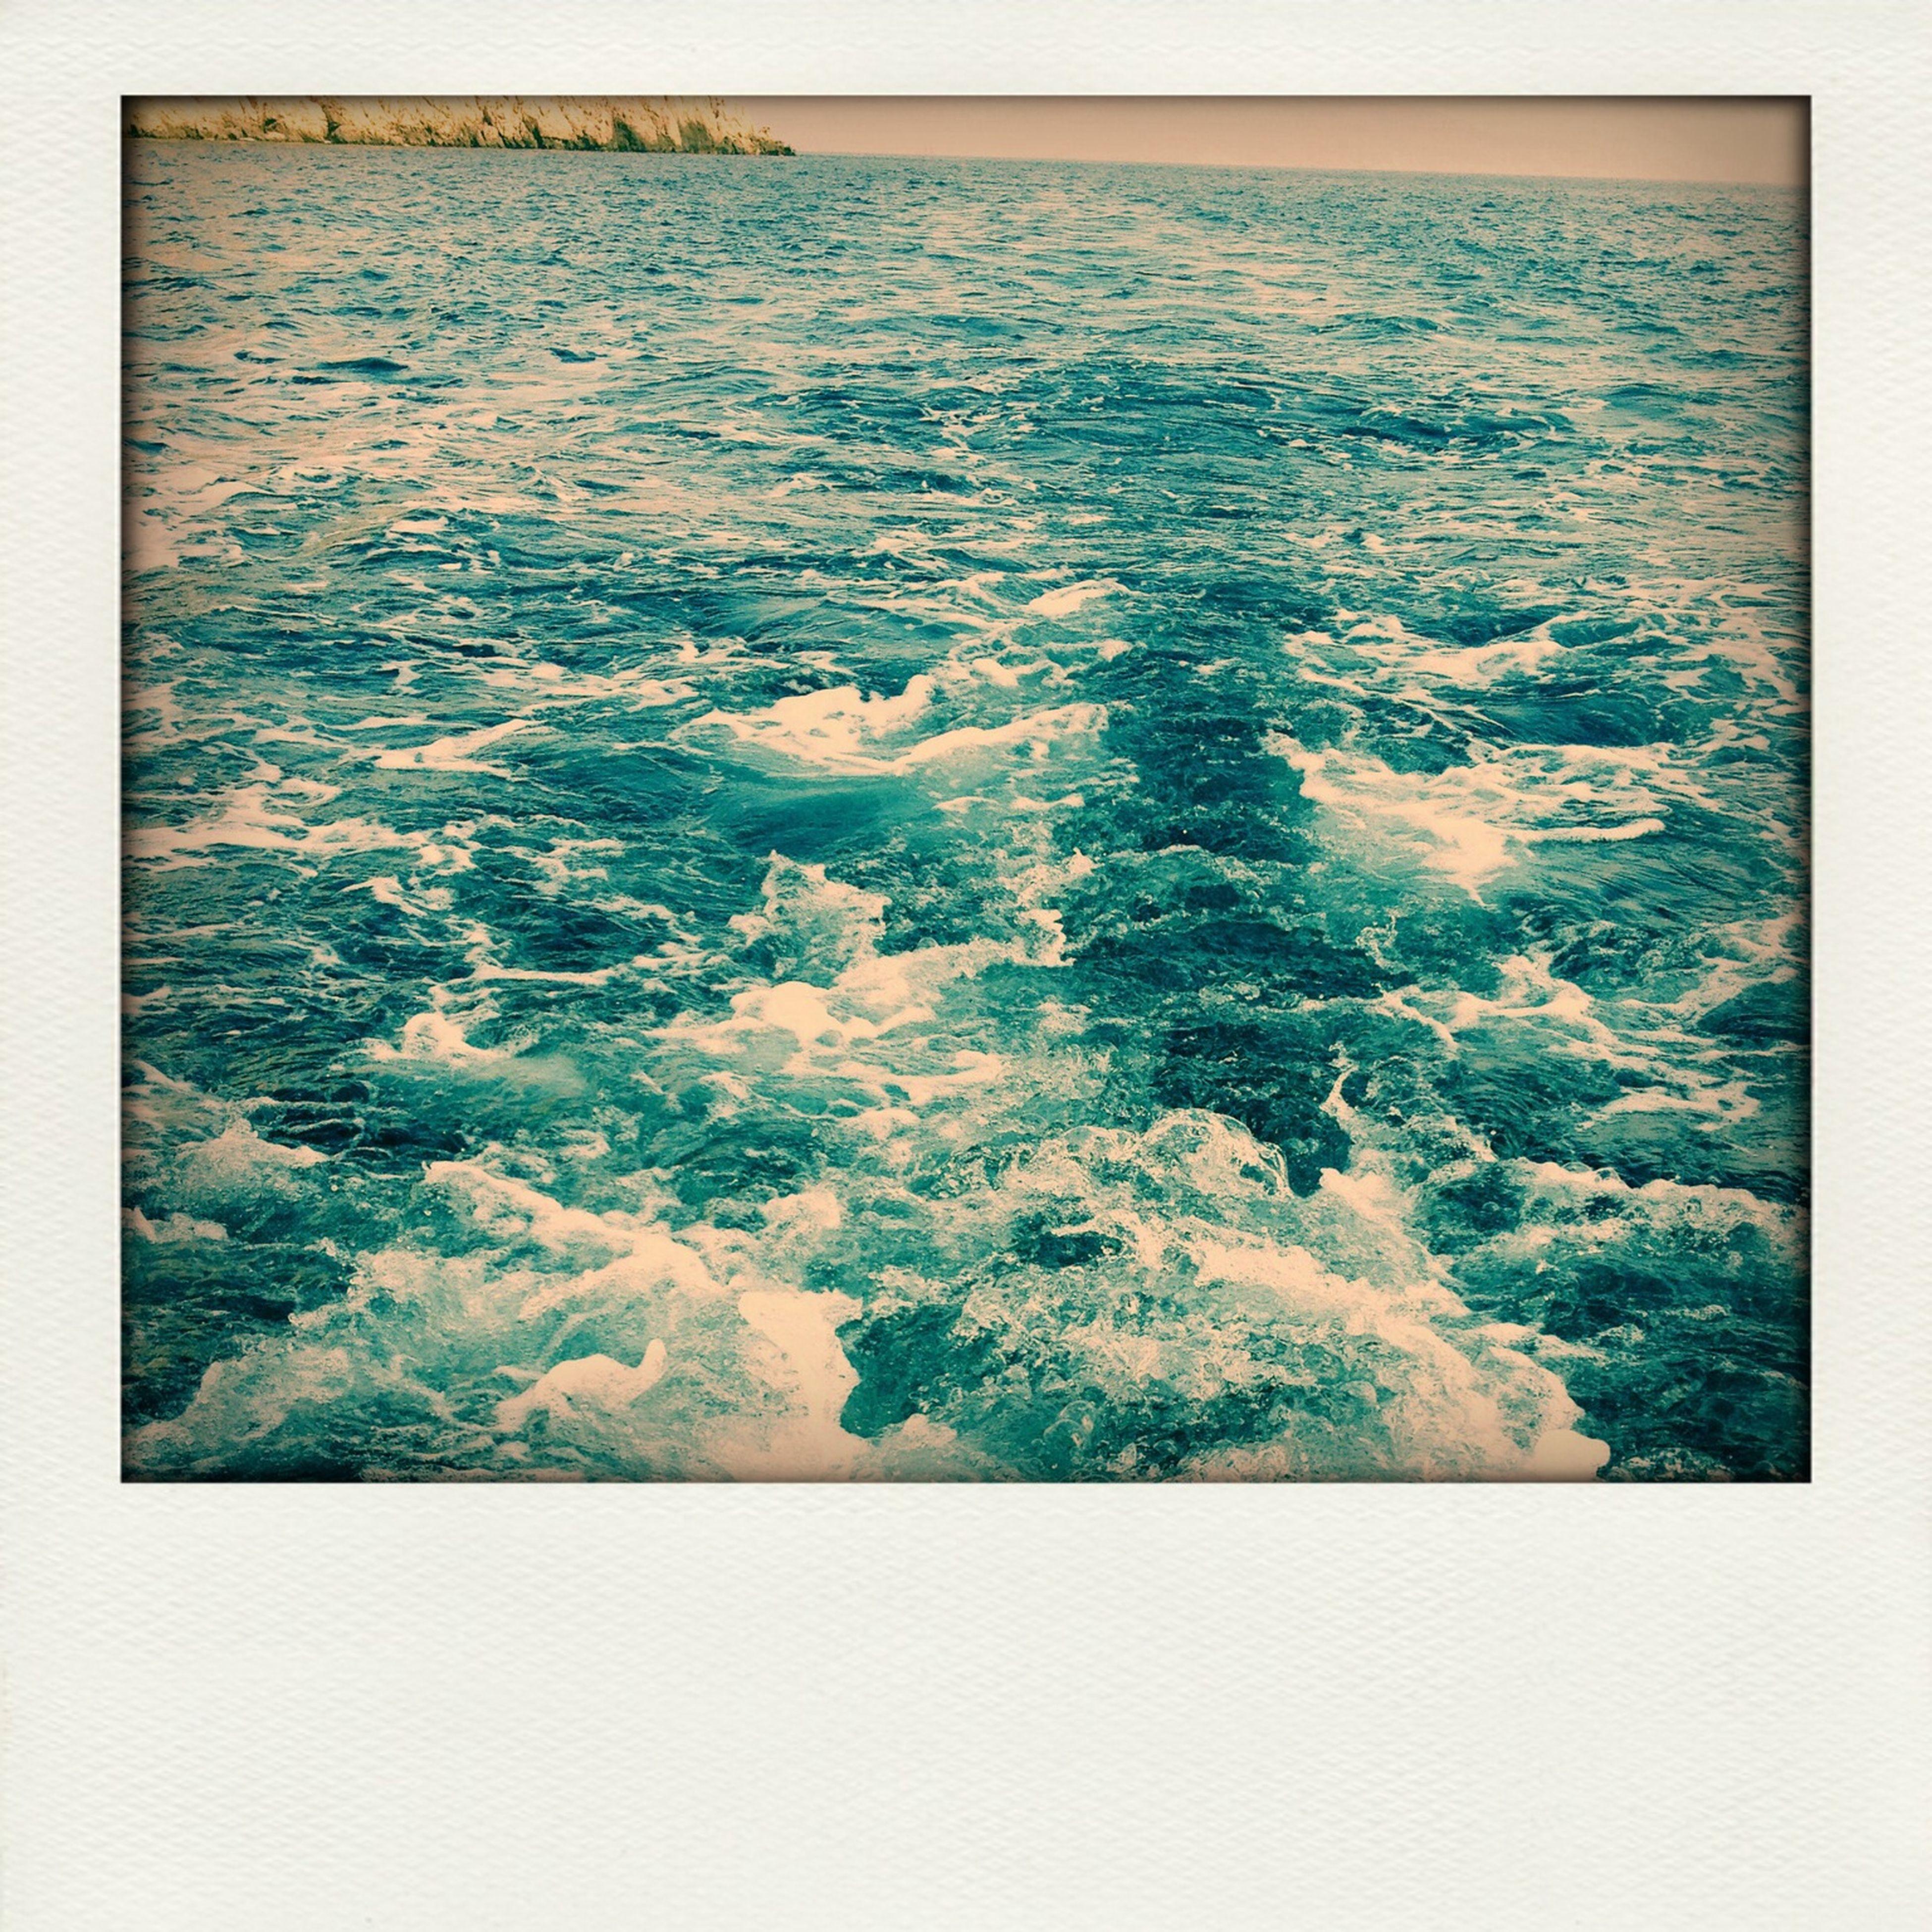 Starting A Trip Enjoying The Sun Going Sailing Relaxing